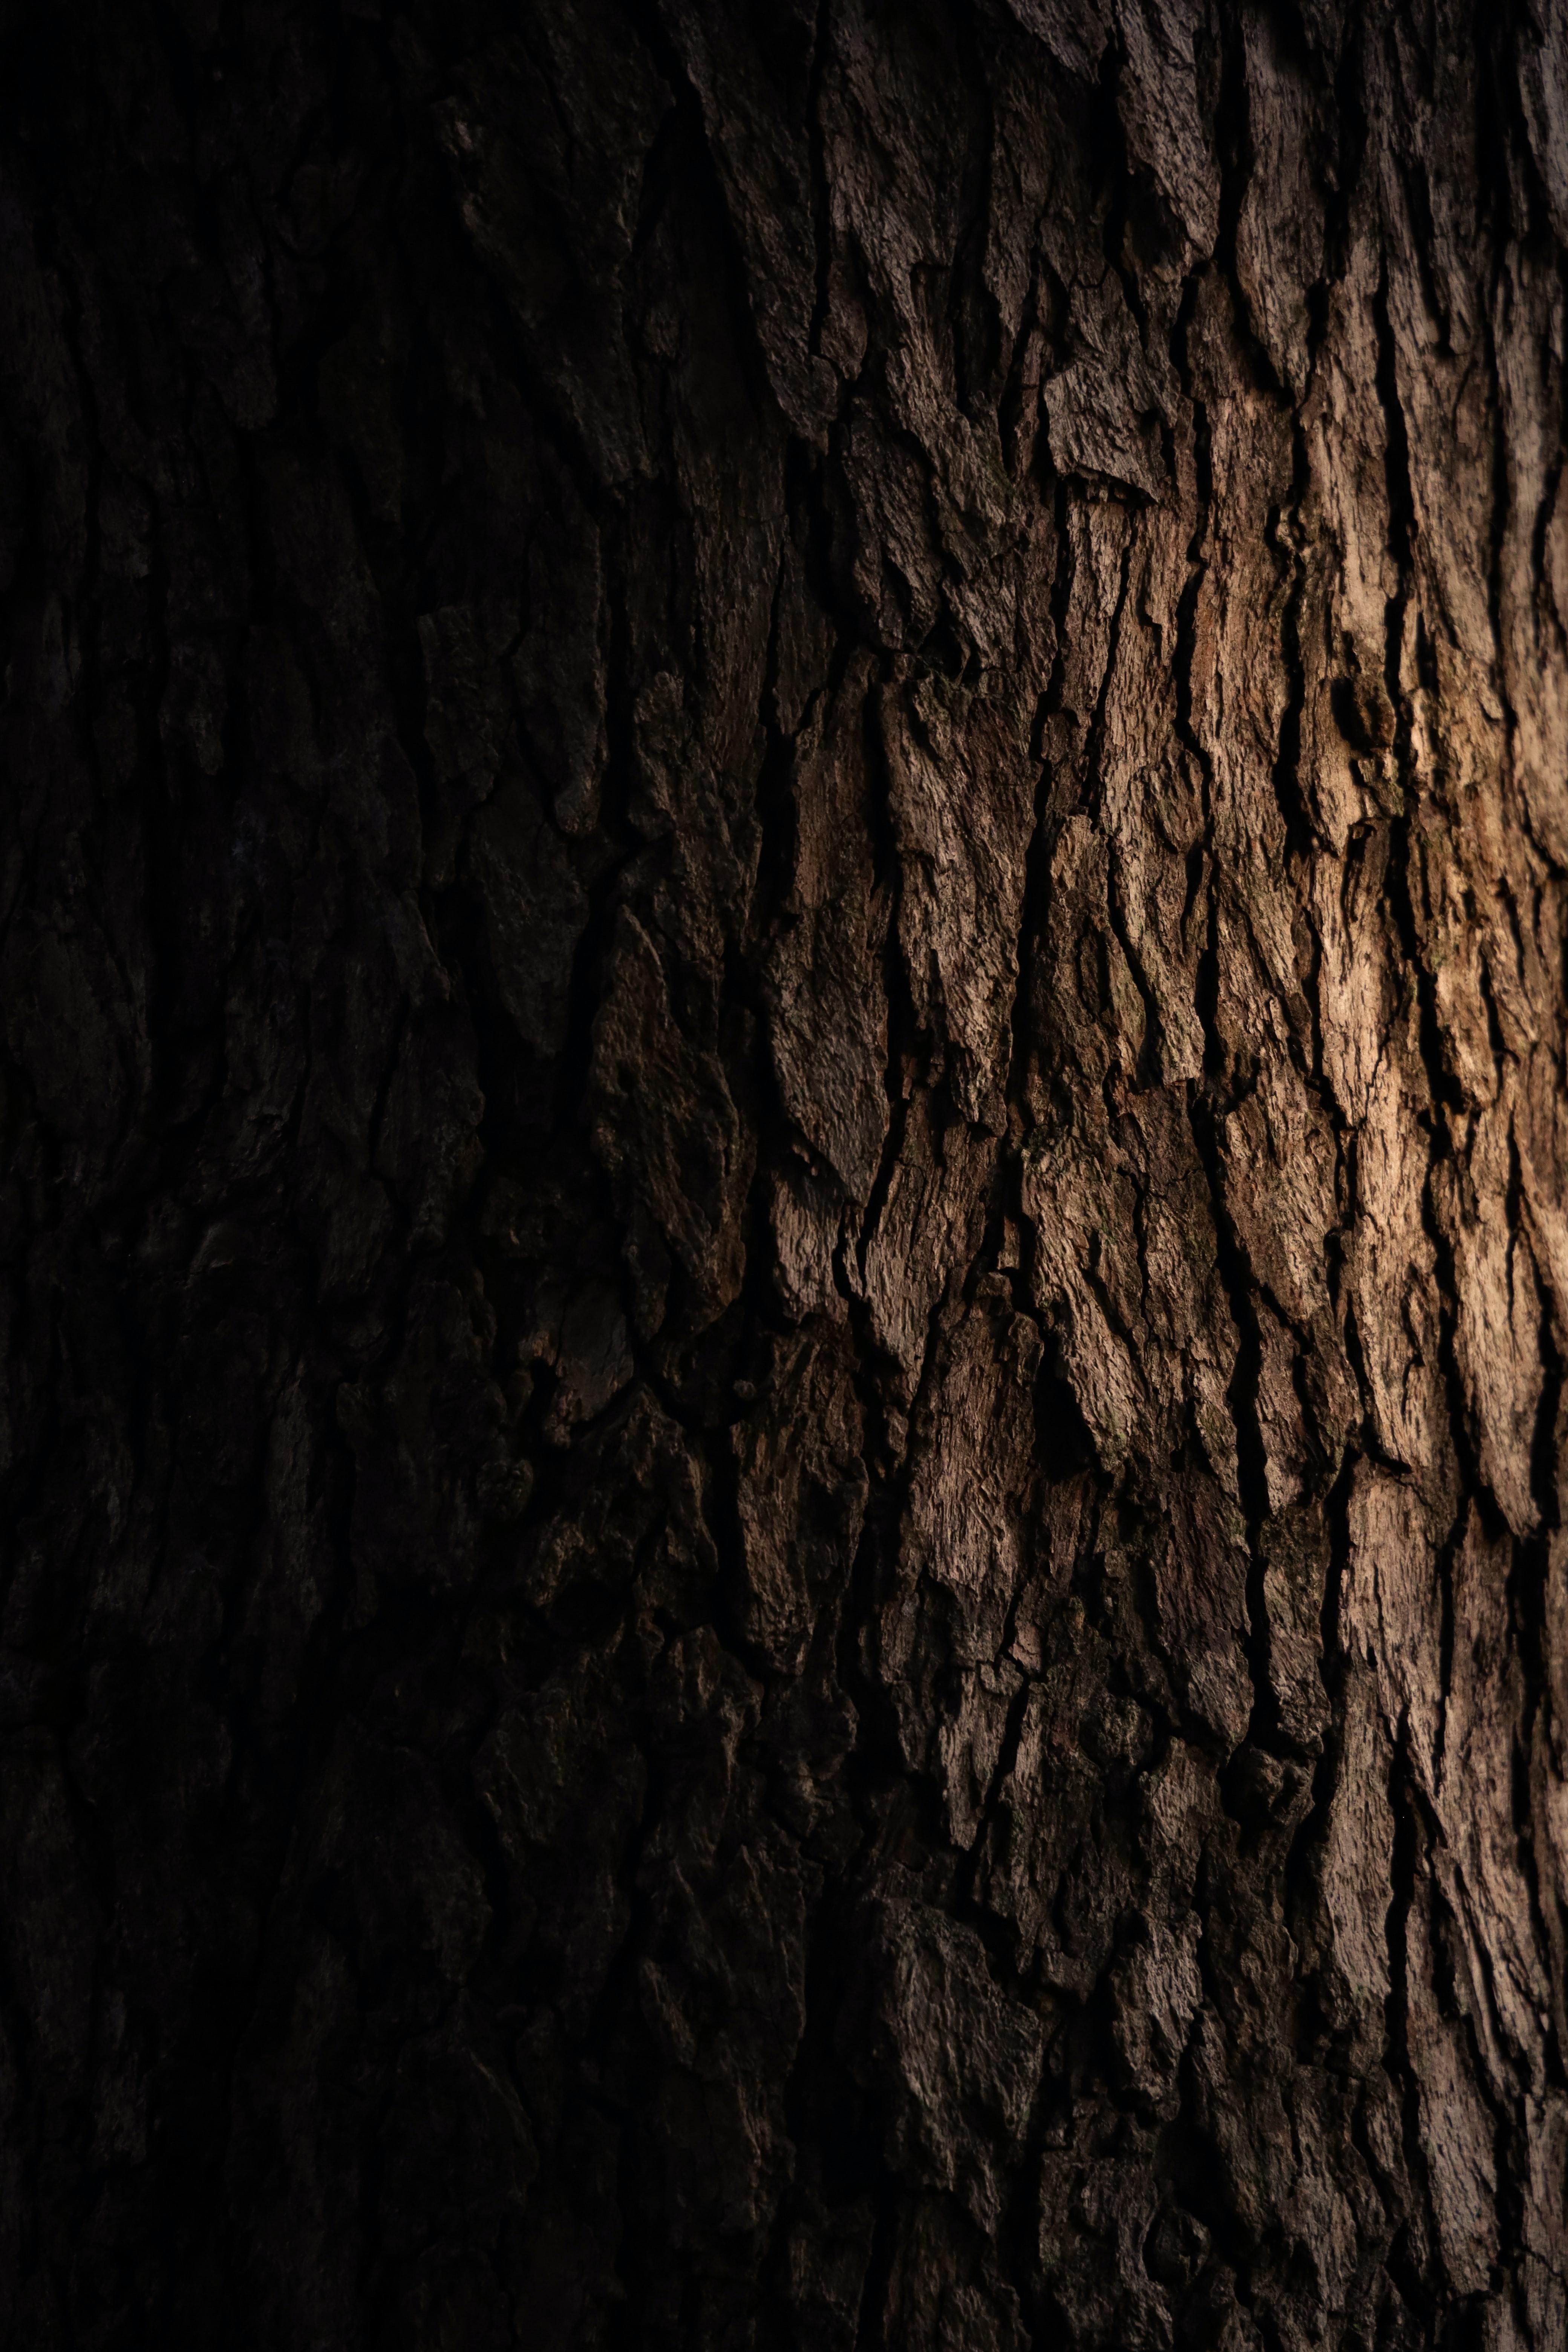 122434 télécharger le fond d'écran Textures, Texture, Aboyer, Écorce, Bois, En Bois, Arbre, Sombre - économiseurs d'écran et images gratuitement